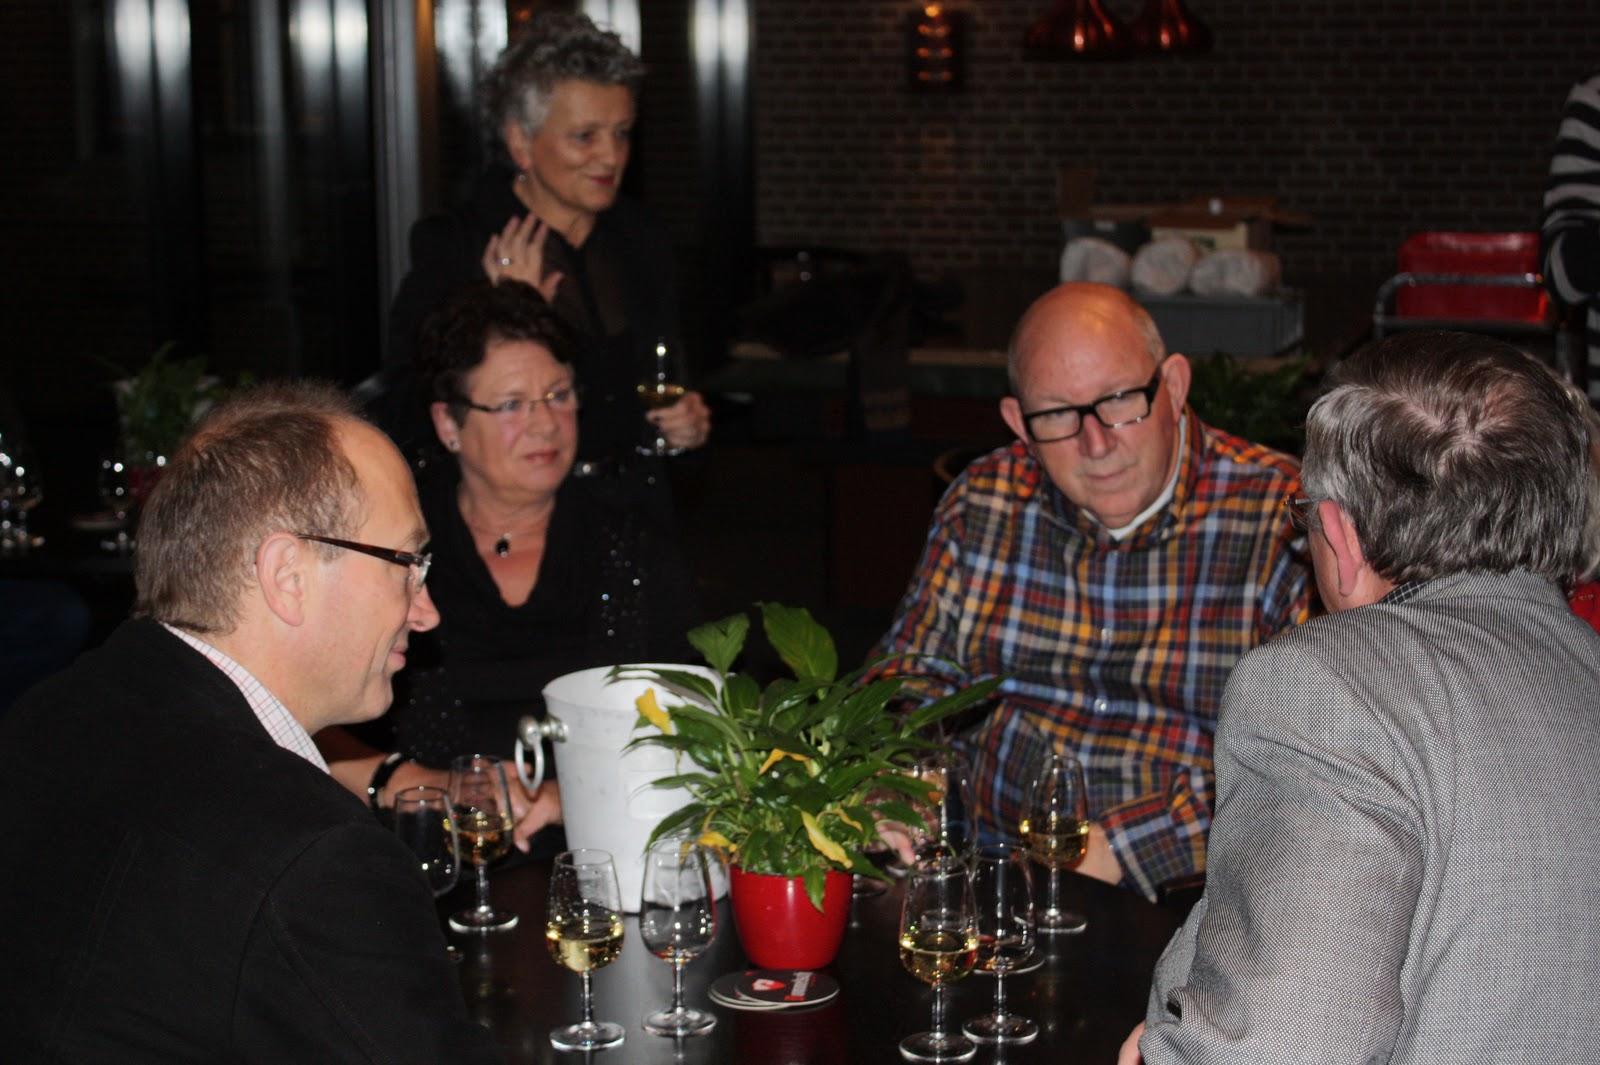 Nieuwjaarsreceptie 2012 met aandacht voor trends in wijnmaken en wijnhandel